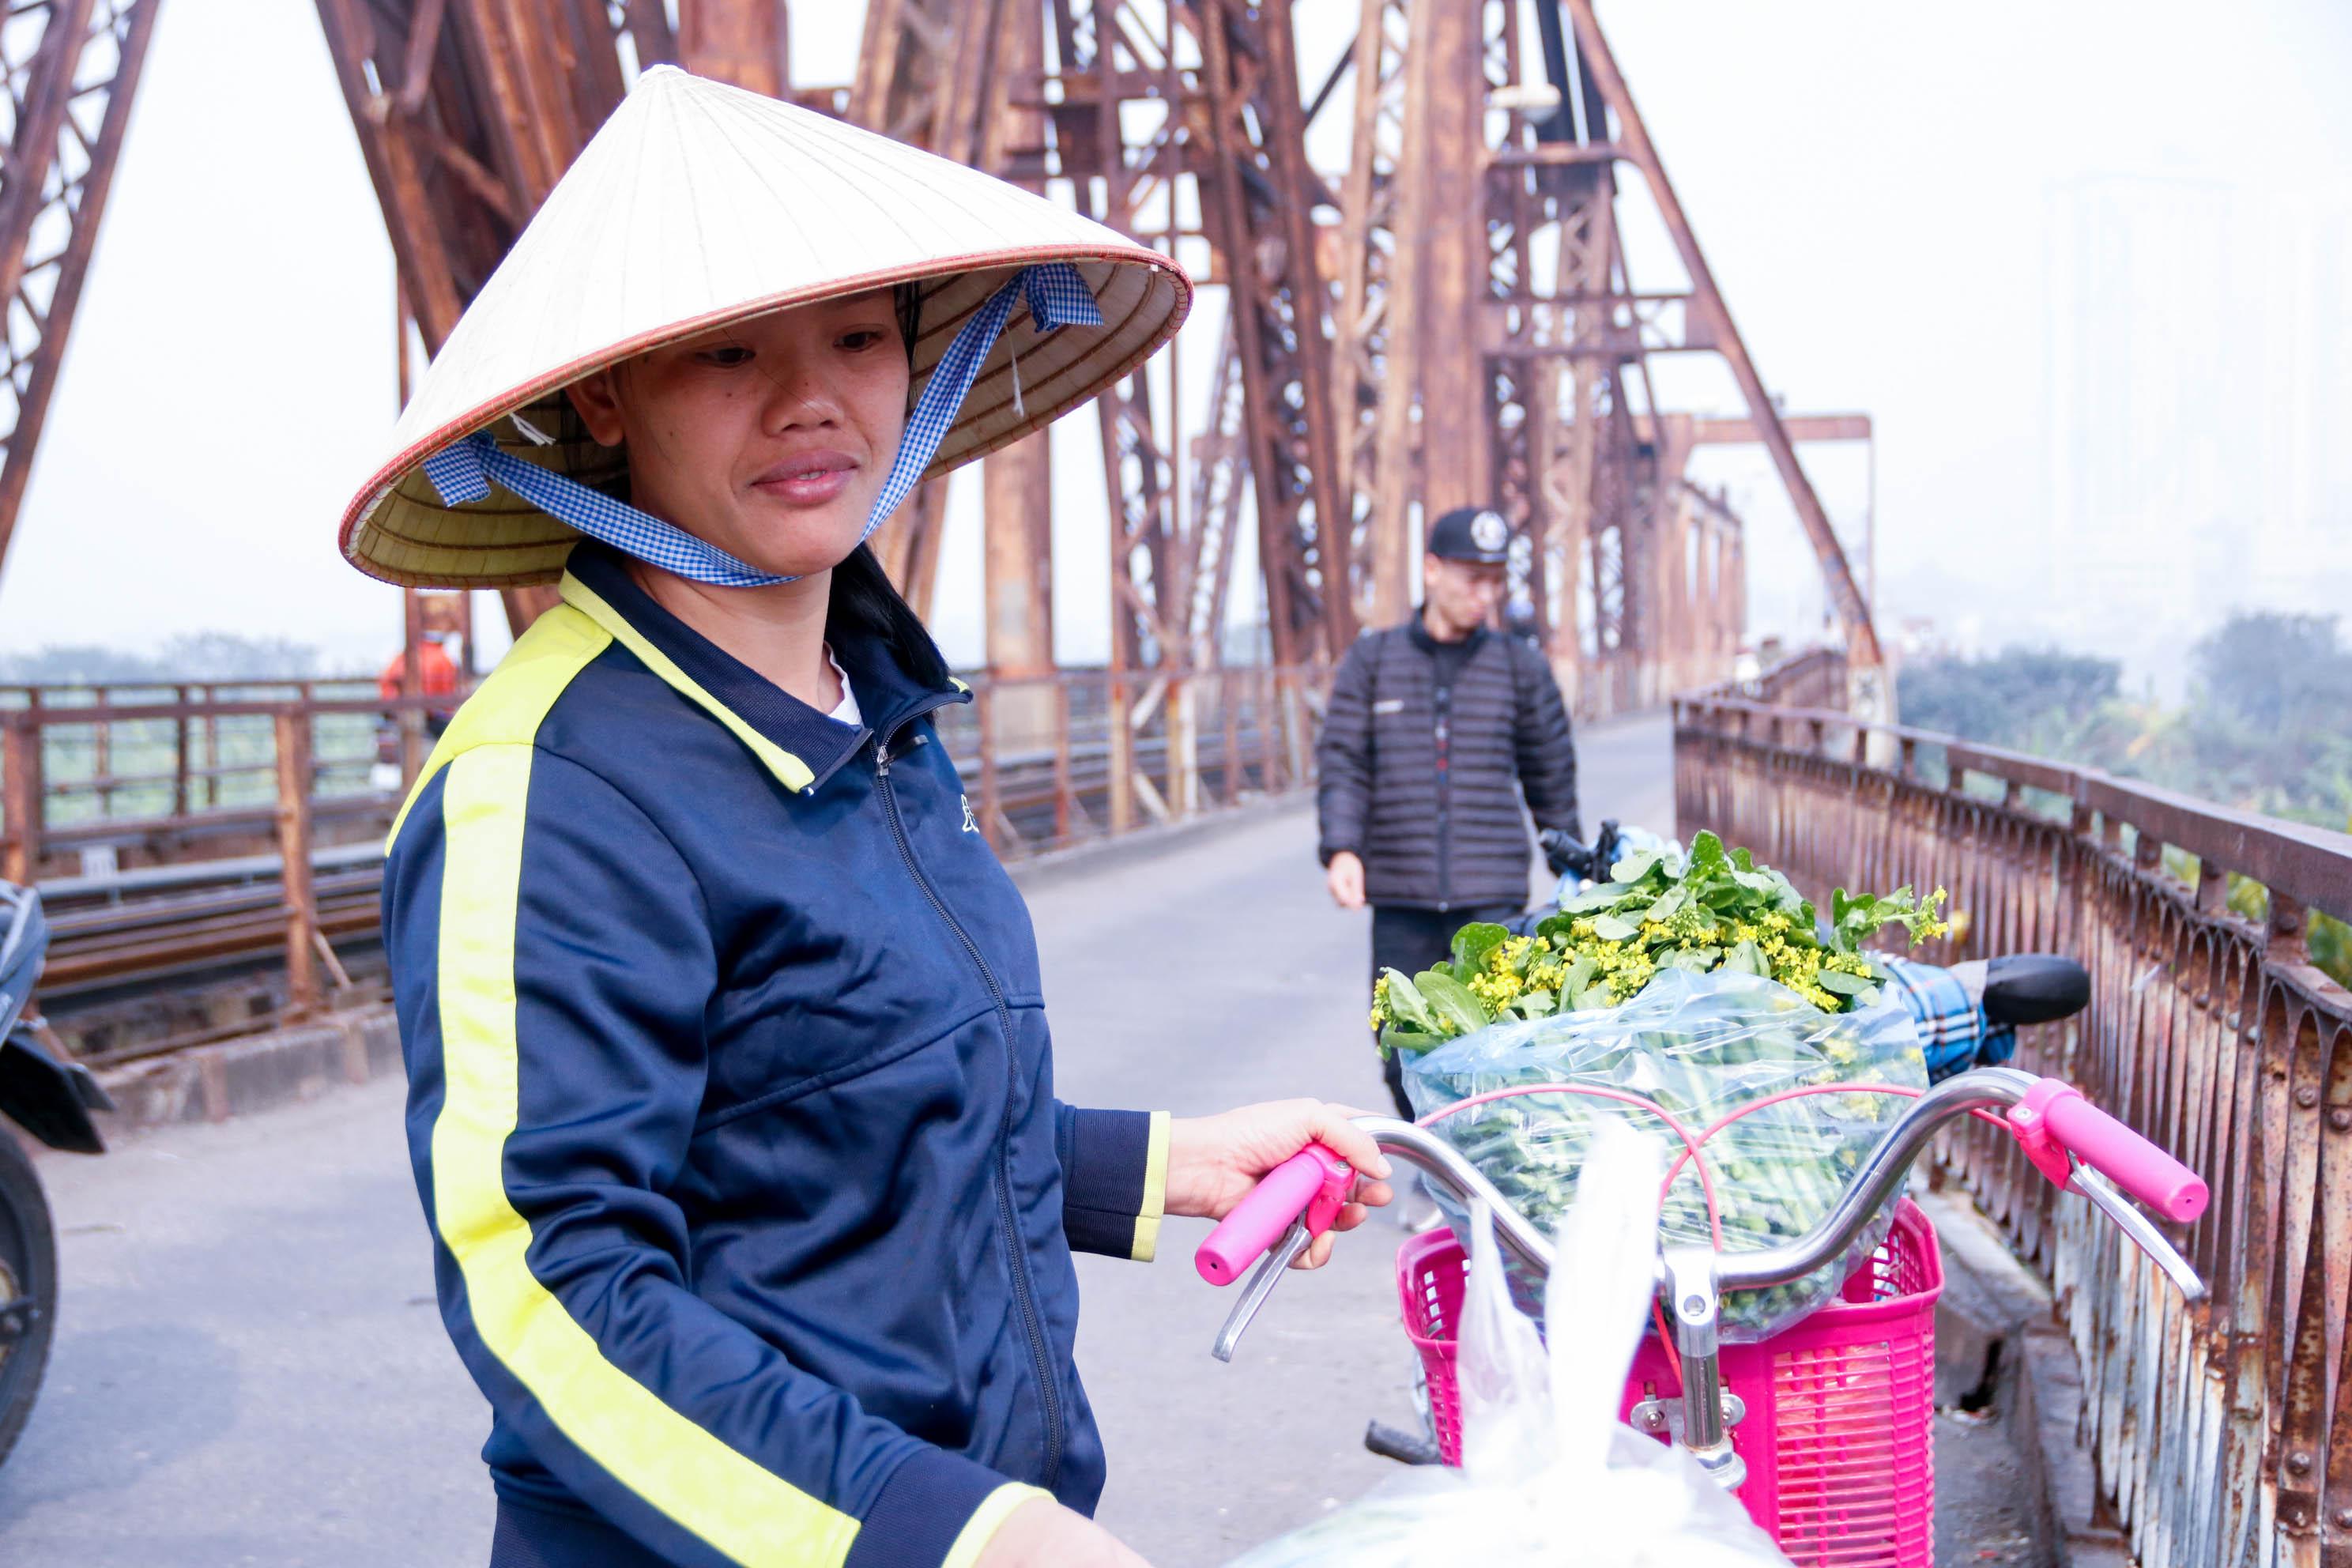 Cầu Long Biên xuống cấp đến không ngờ, mặt đường bị cày xới khiến người dân đi lại gặp nhiều khó khăn - Ảnh 5.